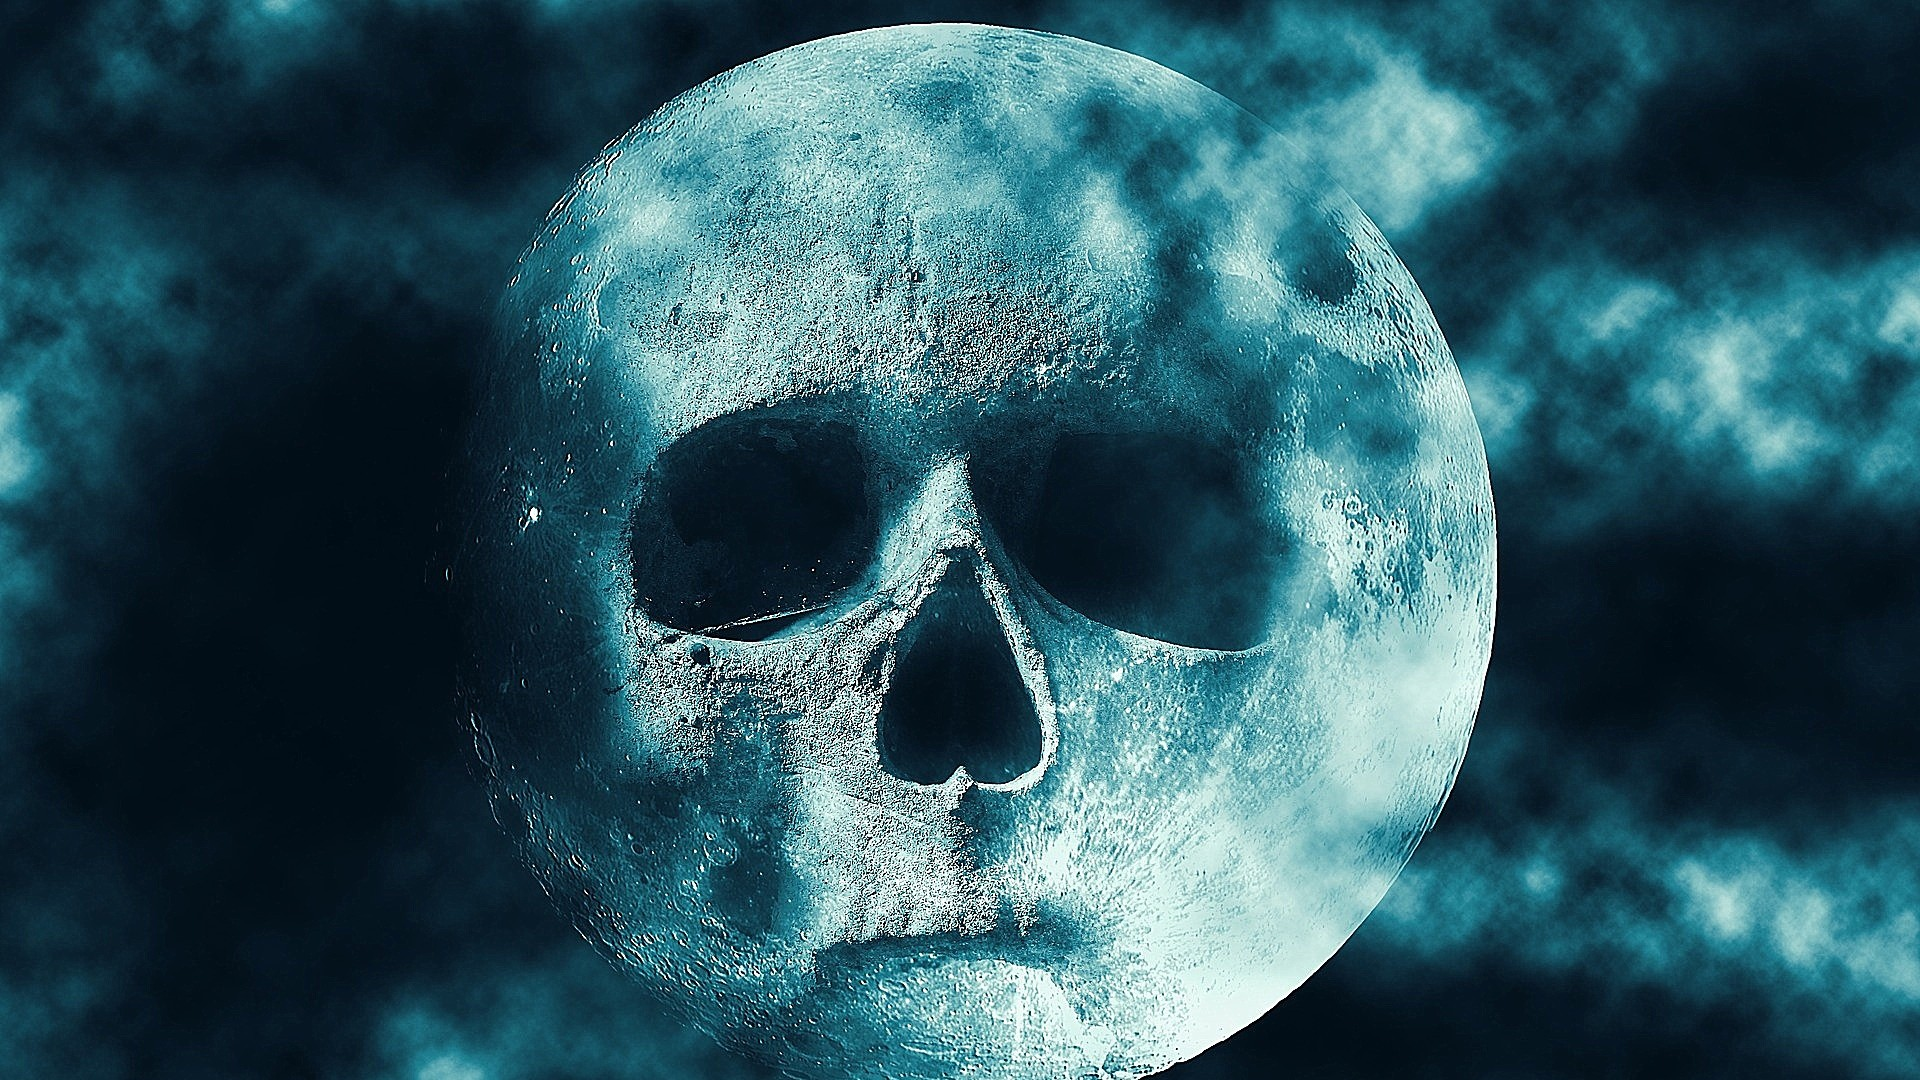 Skull moon wallpaper